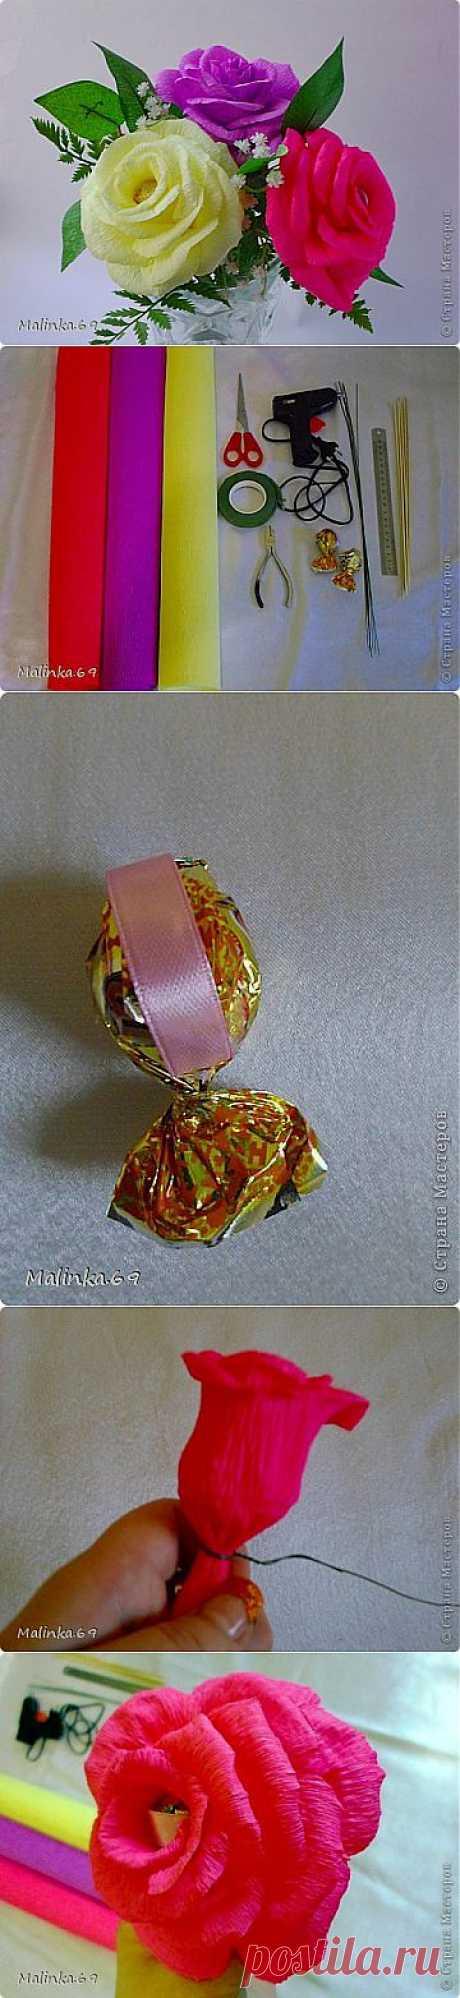 МК.Воздушные розы из конфет.(С изменениями)   Конфетный рай